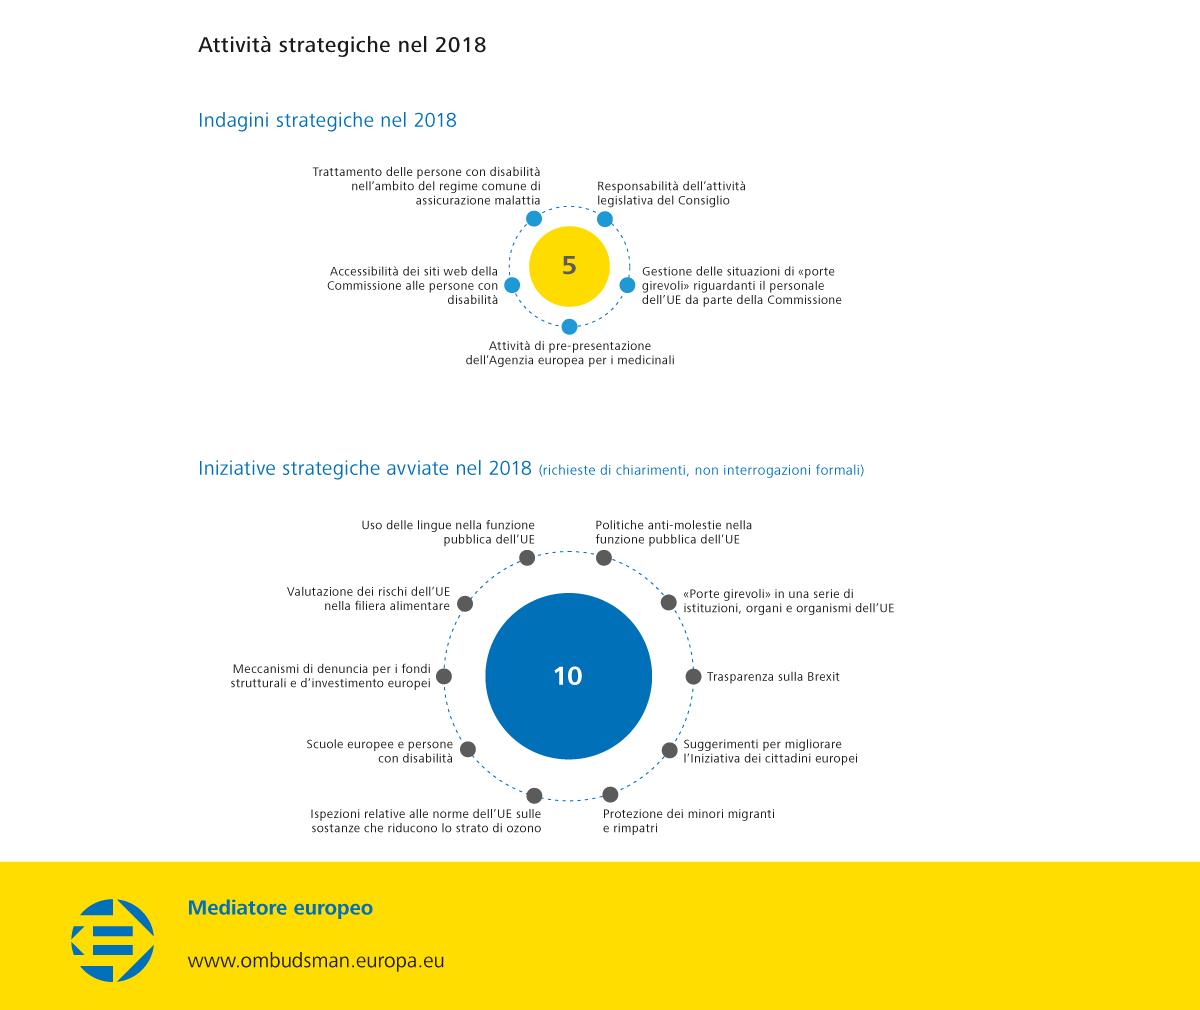 Attività strategiche nel 2018